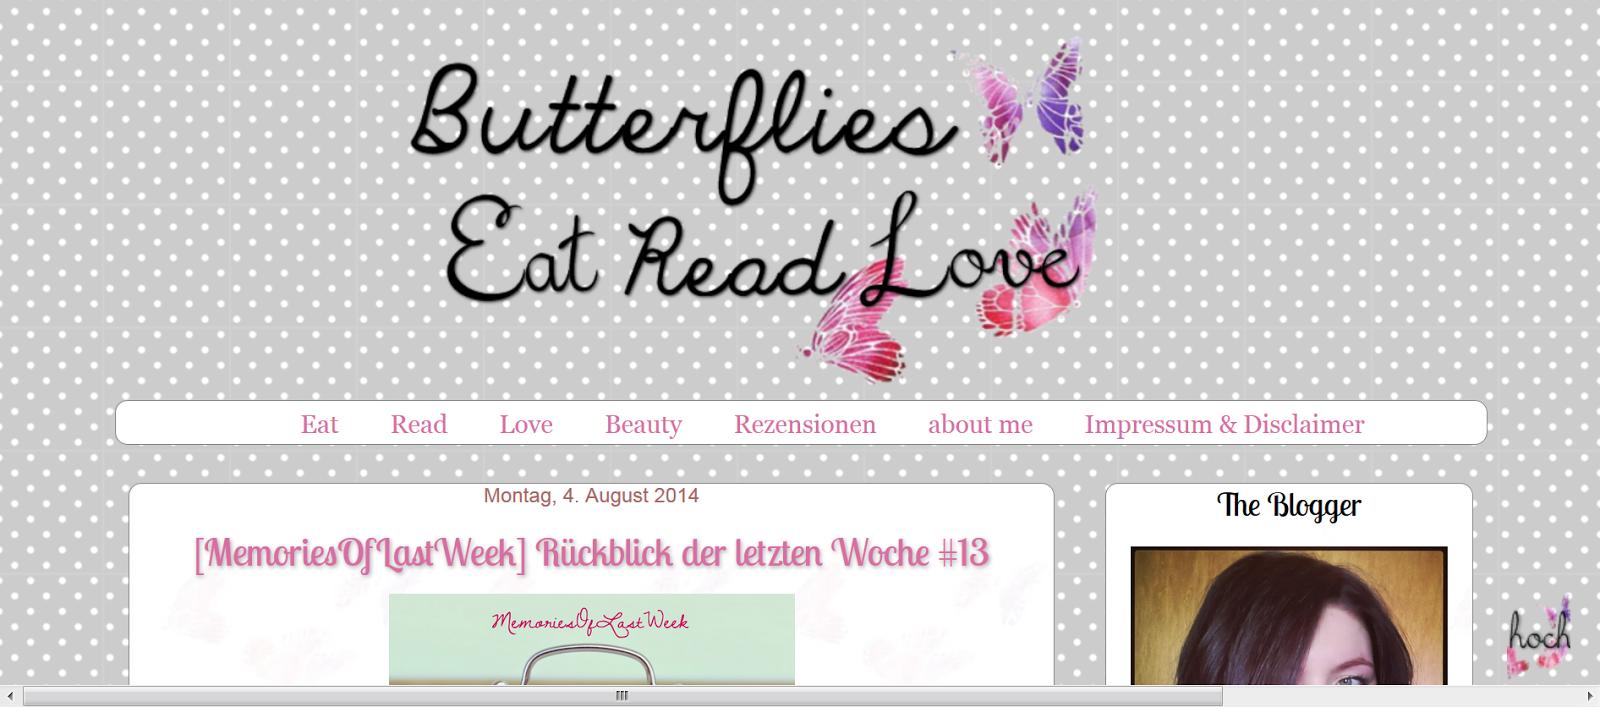 http://butterflieseatreadlove.blogspot.de/